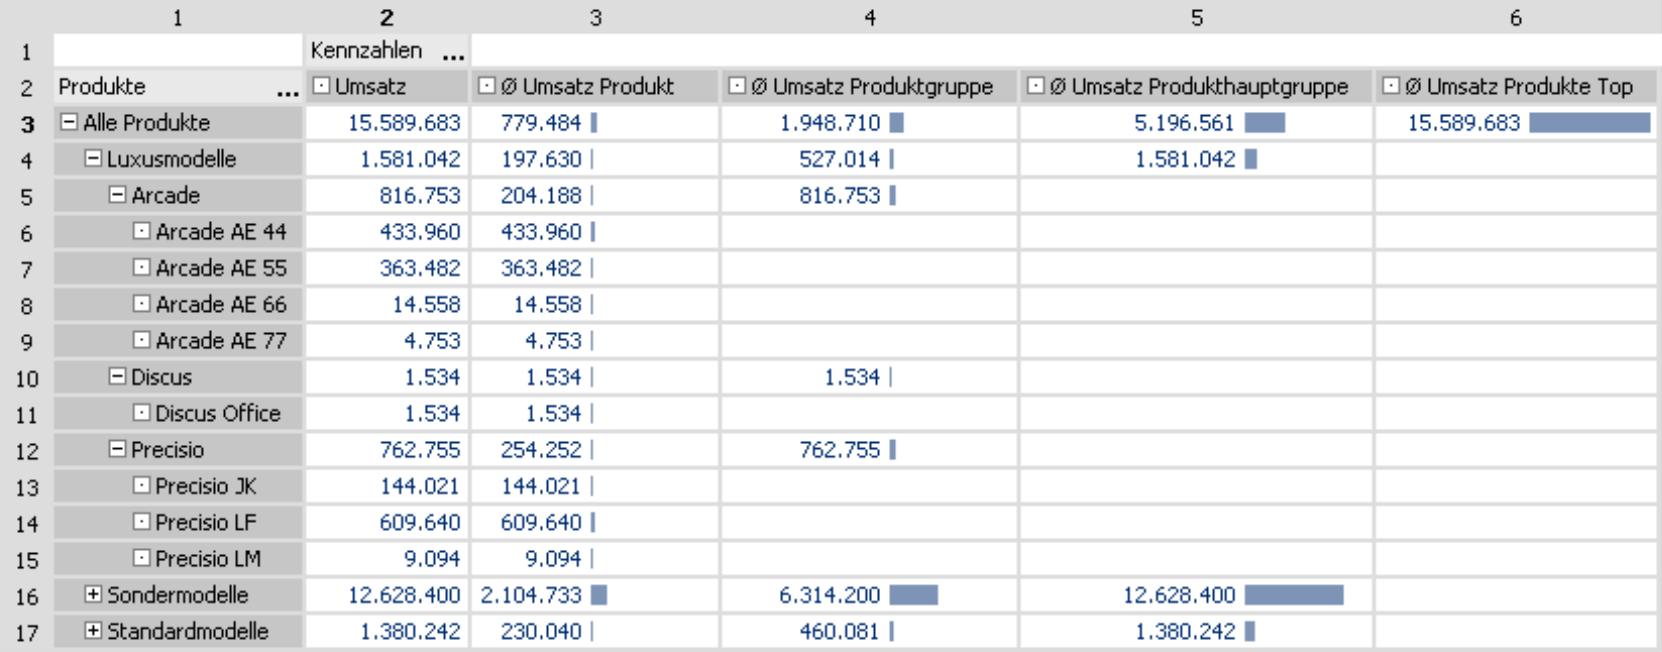 Pivottabelle mit den Spaltenüberschriften Umsatz, Mittelwert Umsatz Produkt, Mittelwert Umsatz Produktgruppe, Mittelwert Umsatz Produkthauptgruppe und Mittelwert Umsatz Produkte Top mit Einblendung der Zellkoordinaten